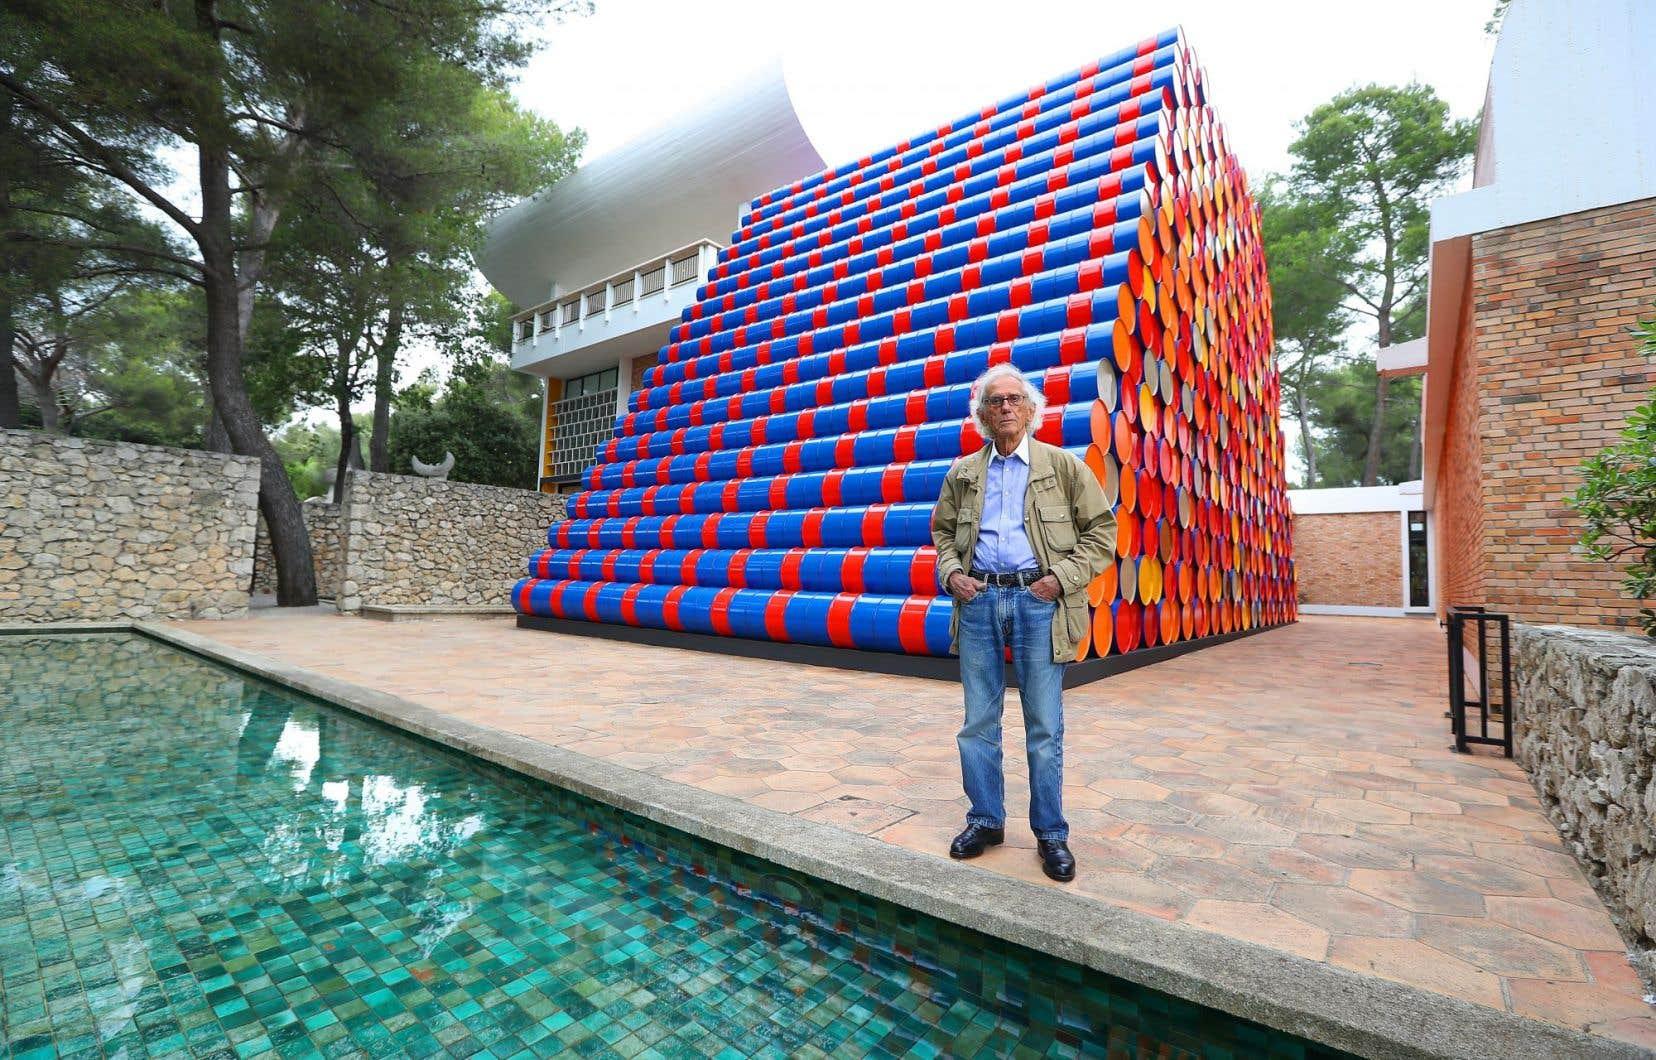 Dans la cour de la Fondation Maeght, à Saint-Paul-de-Vence, Christo a créé une installation formée de mille barils, haute de 9 mètres, longue de 17 et large de 9.